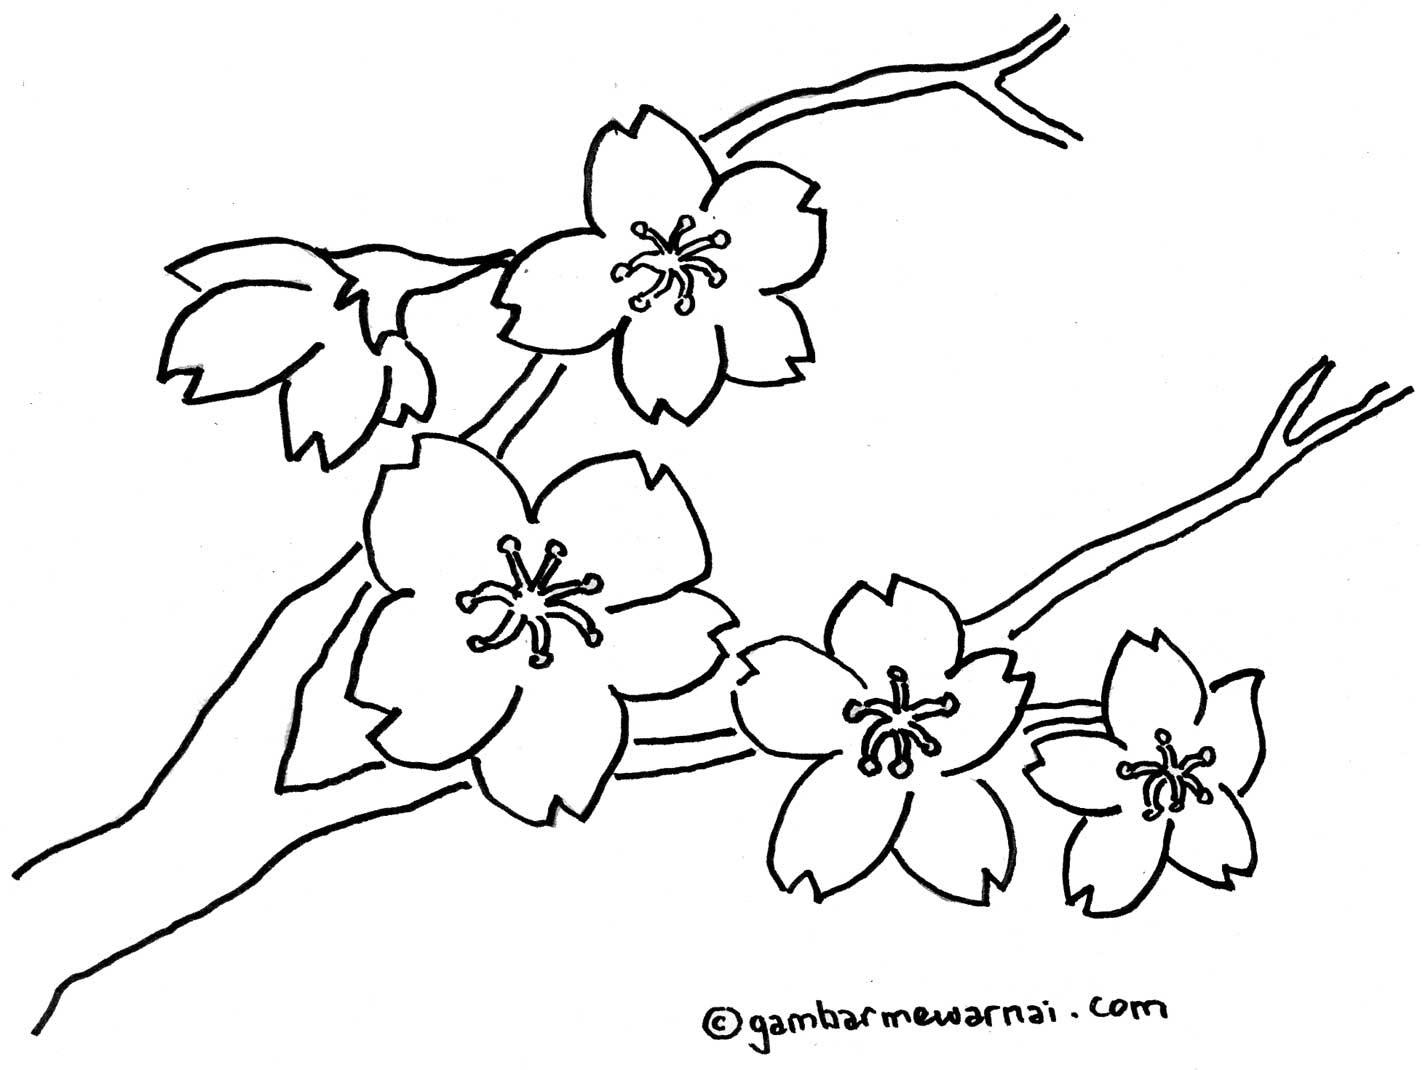 160 Gambar Ilustrasi Bunga Yang Mudah Digambar Gambarilus